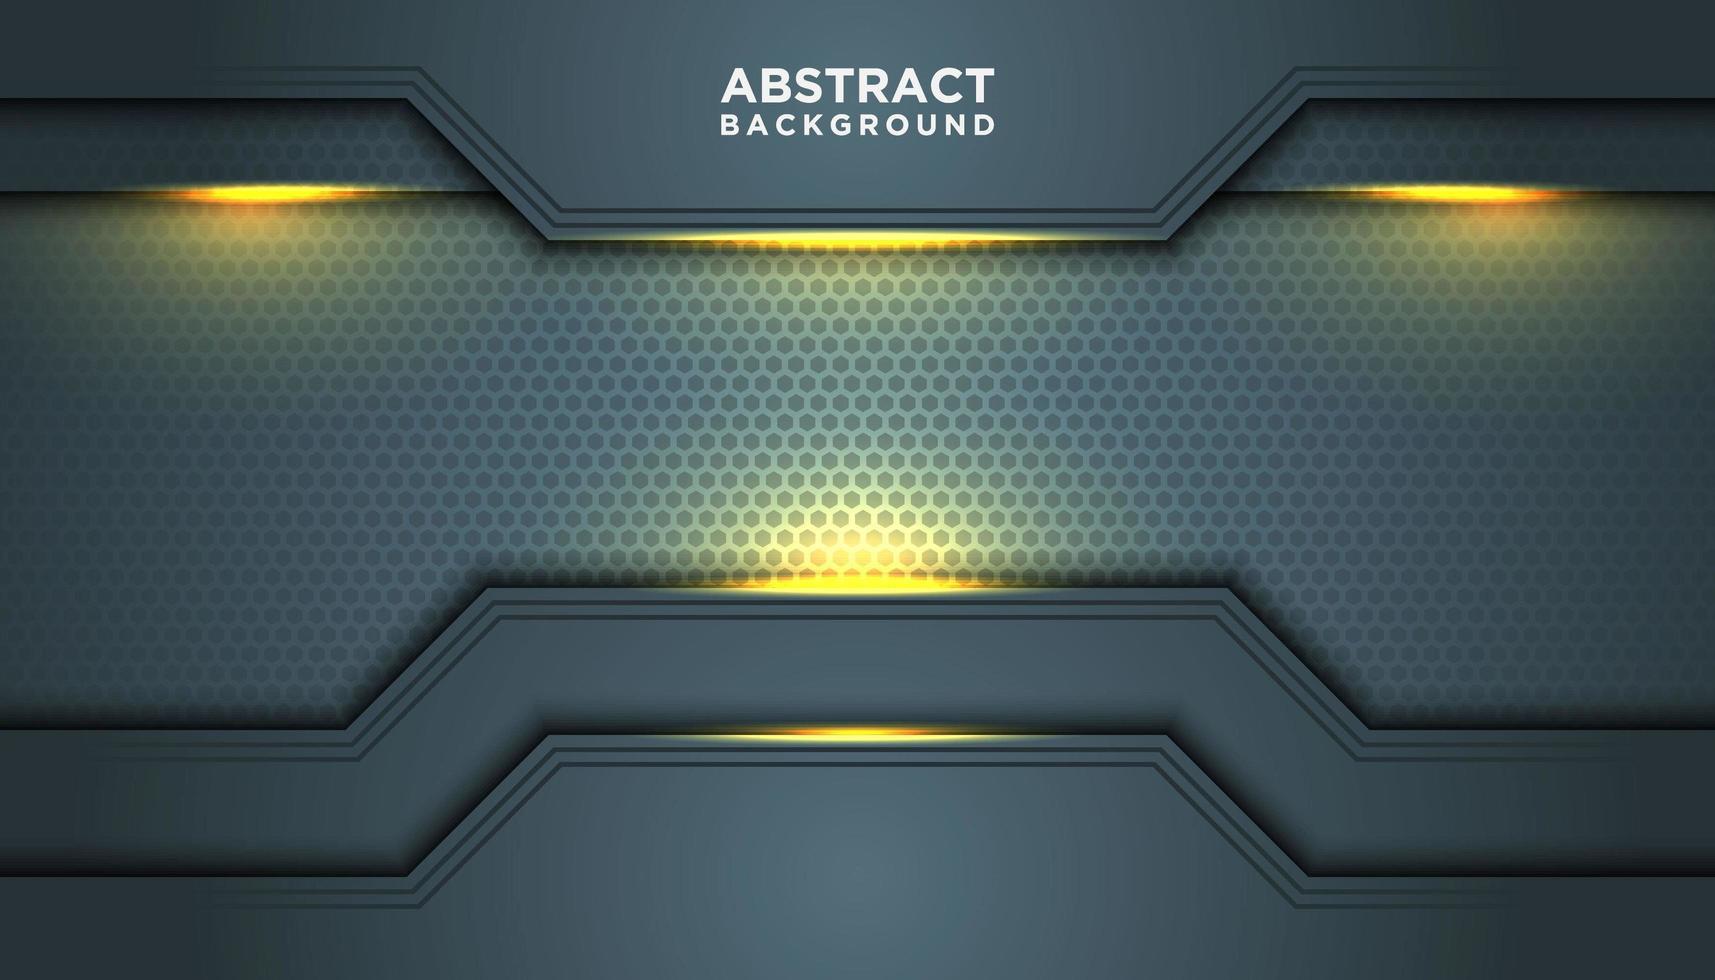 grauer abstrakter Hintergrund mit geometrischen Grenzschichten vektor